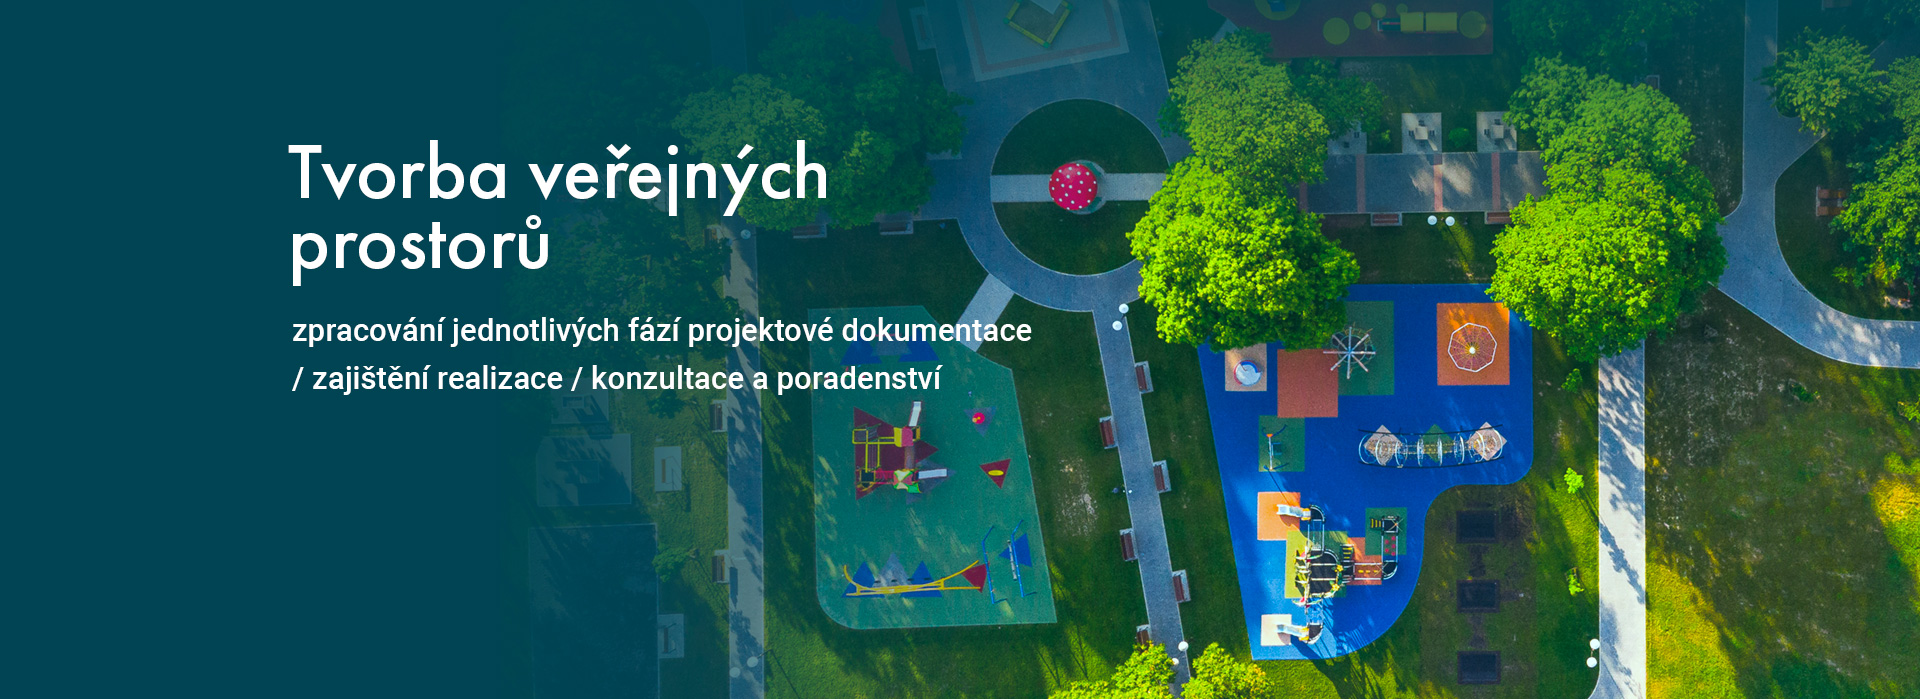 Tvorba veřejných prostorů